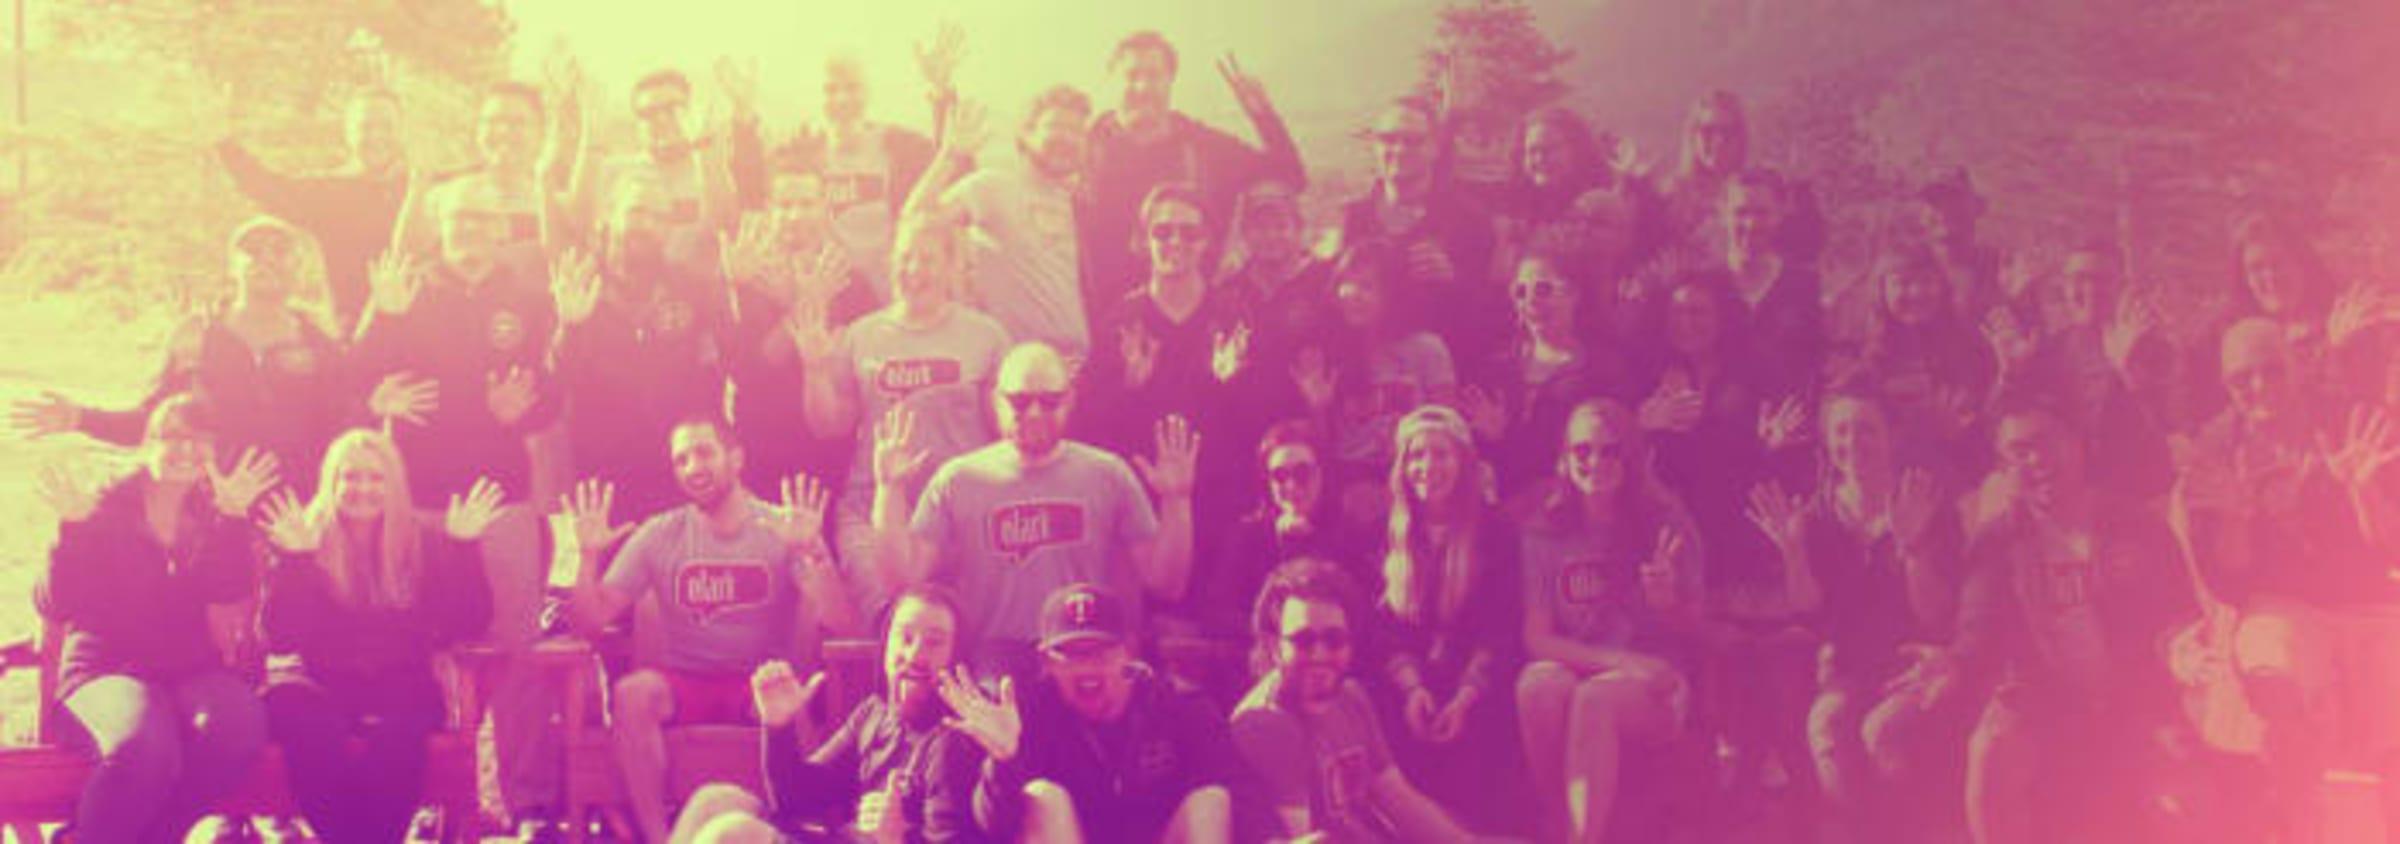 Olark Remote team